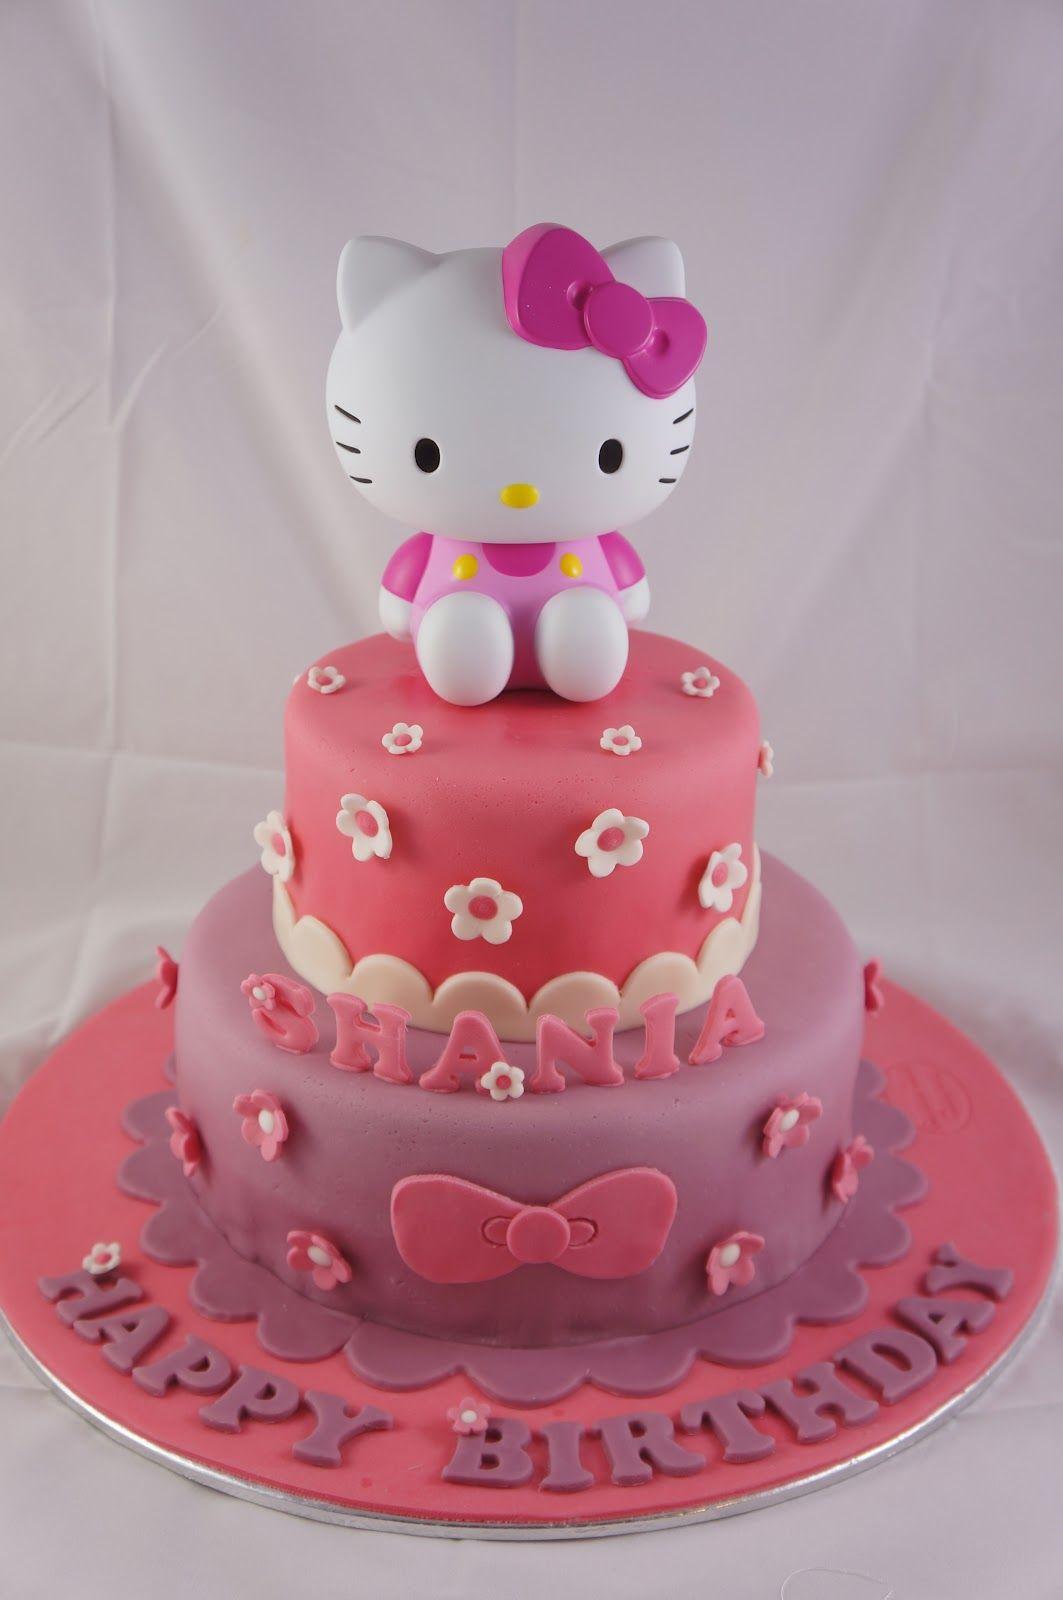 Joyous Cake Company: July 2012 Birthday cakes ...